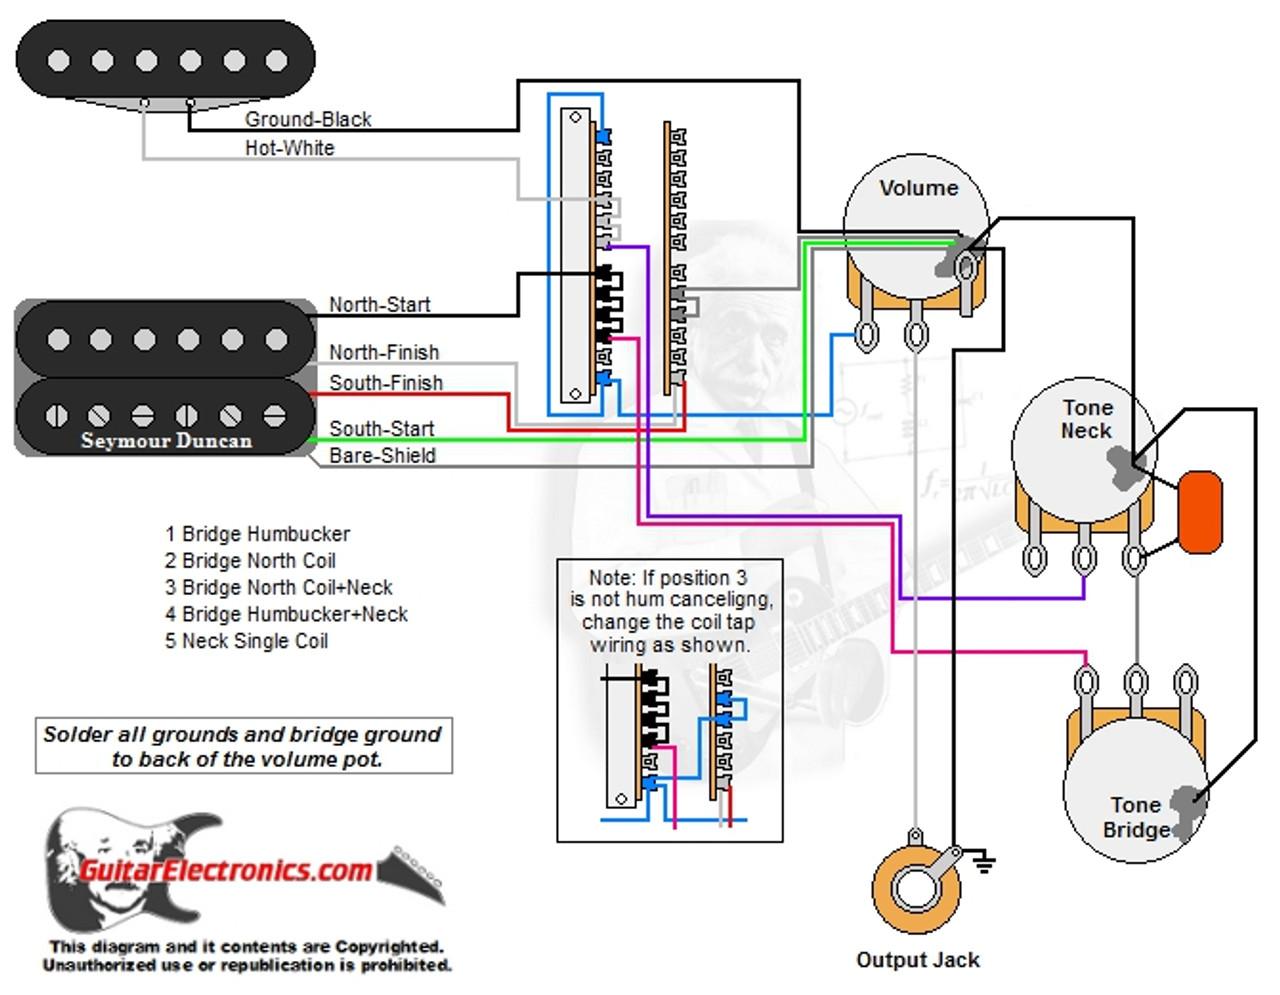 1 humbucker 1 single coil 5 way lever switch 1 volume 2 tones 011 humbucker 1 [ 1280 x 995 Pixel ]